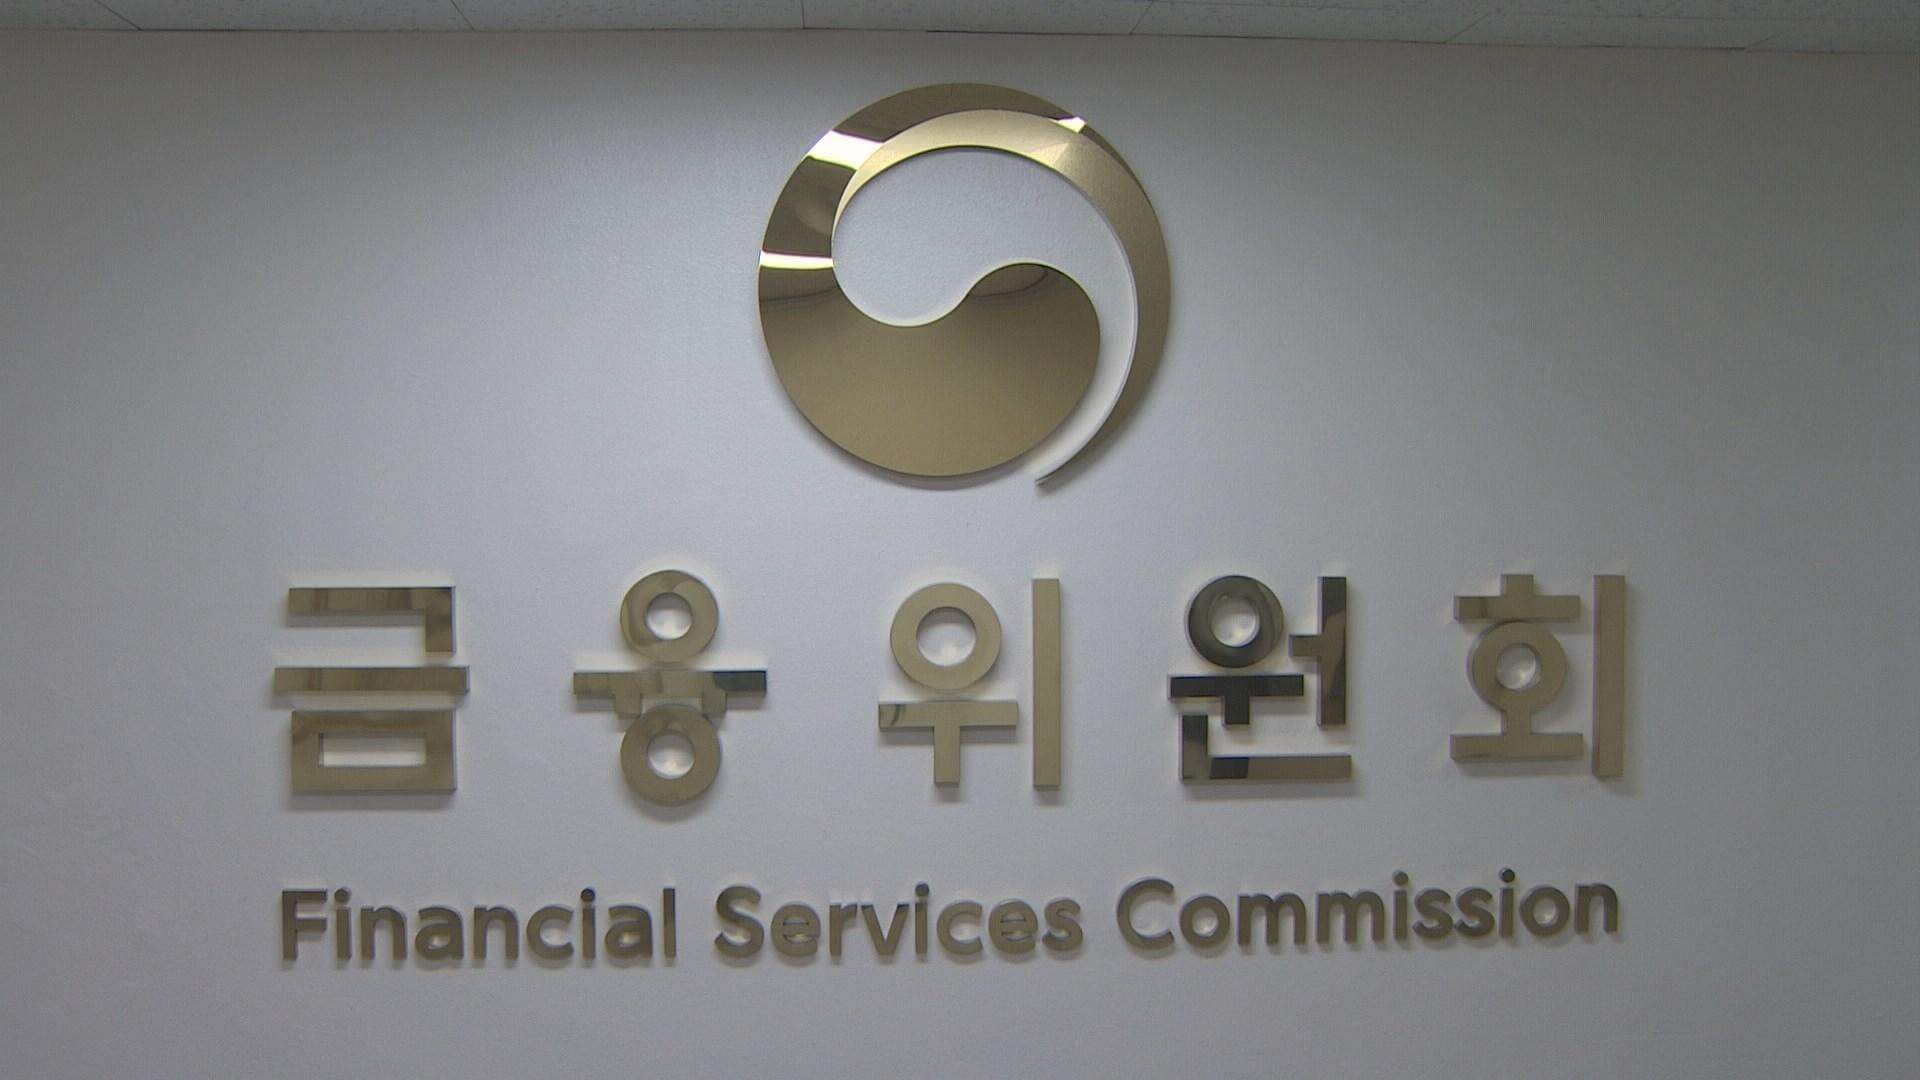 삼성·현대차 등 6곳 6월 말부터 금융당국 규제